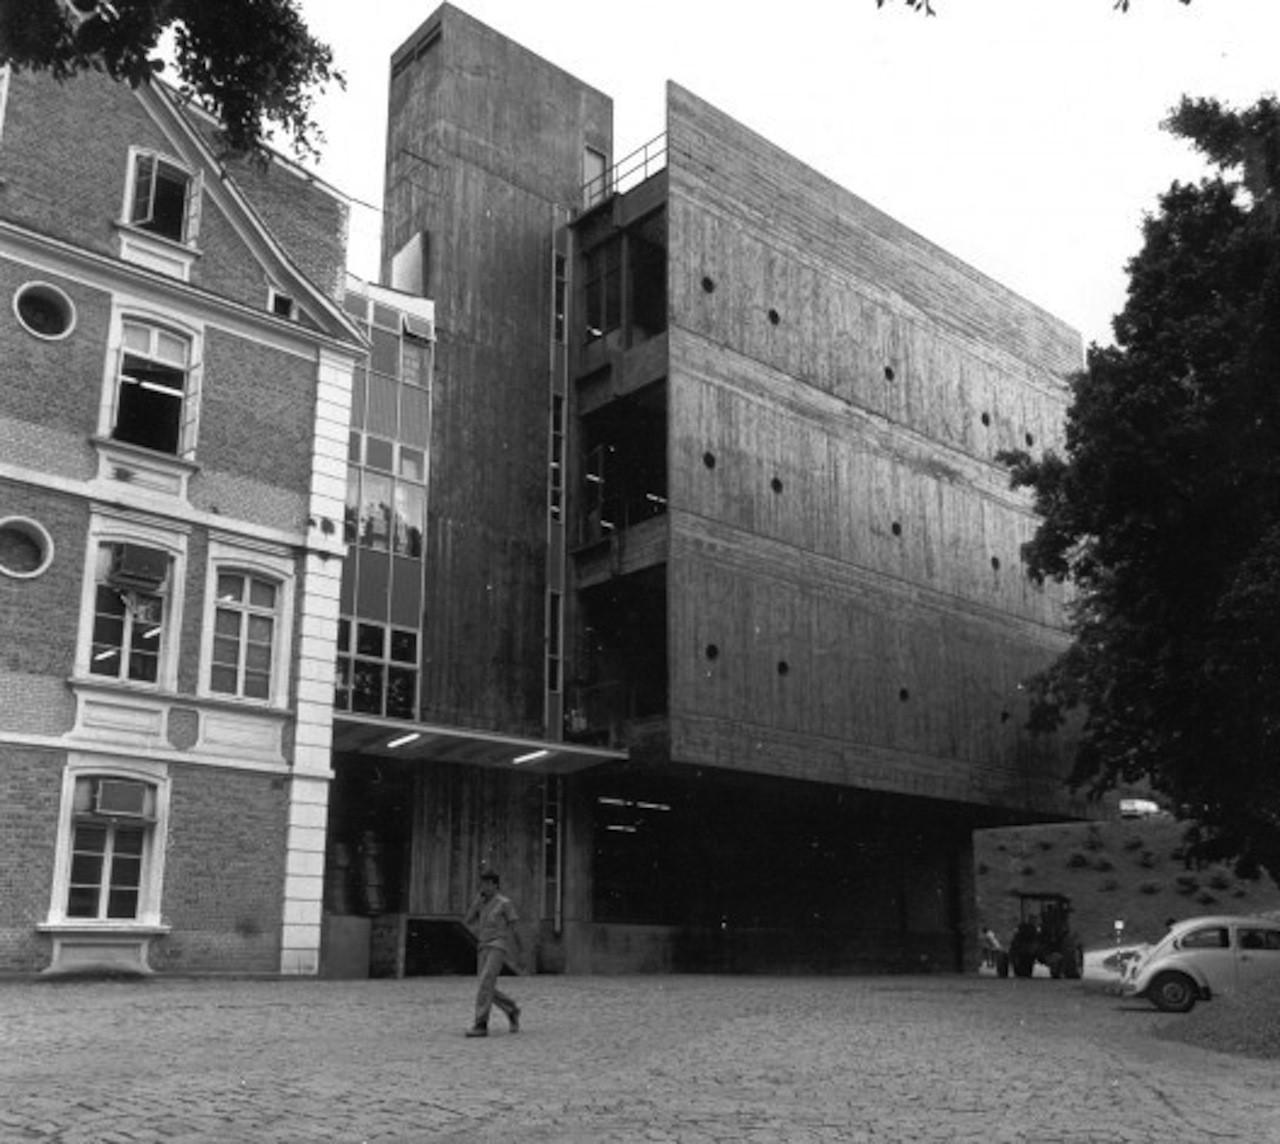 Clássicos da Arquitetura: Hering Matriz / Hans Broos, Cortesia de Arquivo do arquiteto